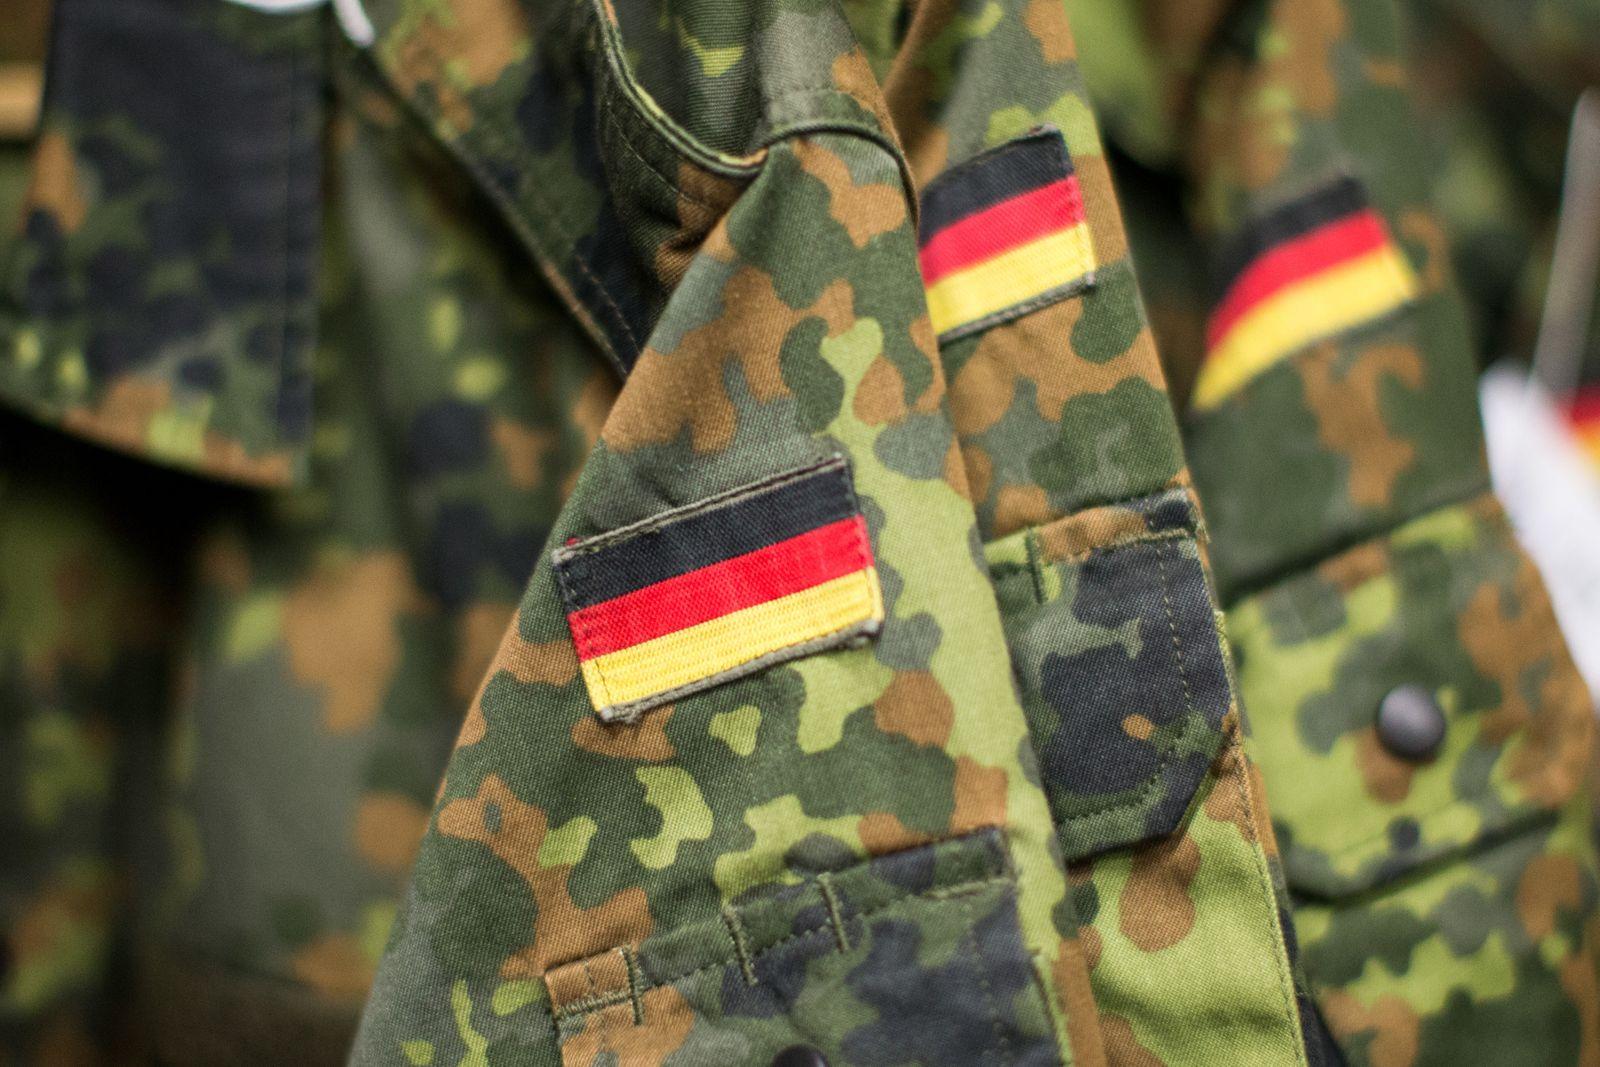 Einsickern rechtsextremer Strukturen in Bundeswehr verhindern